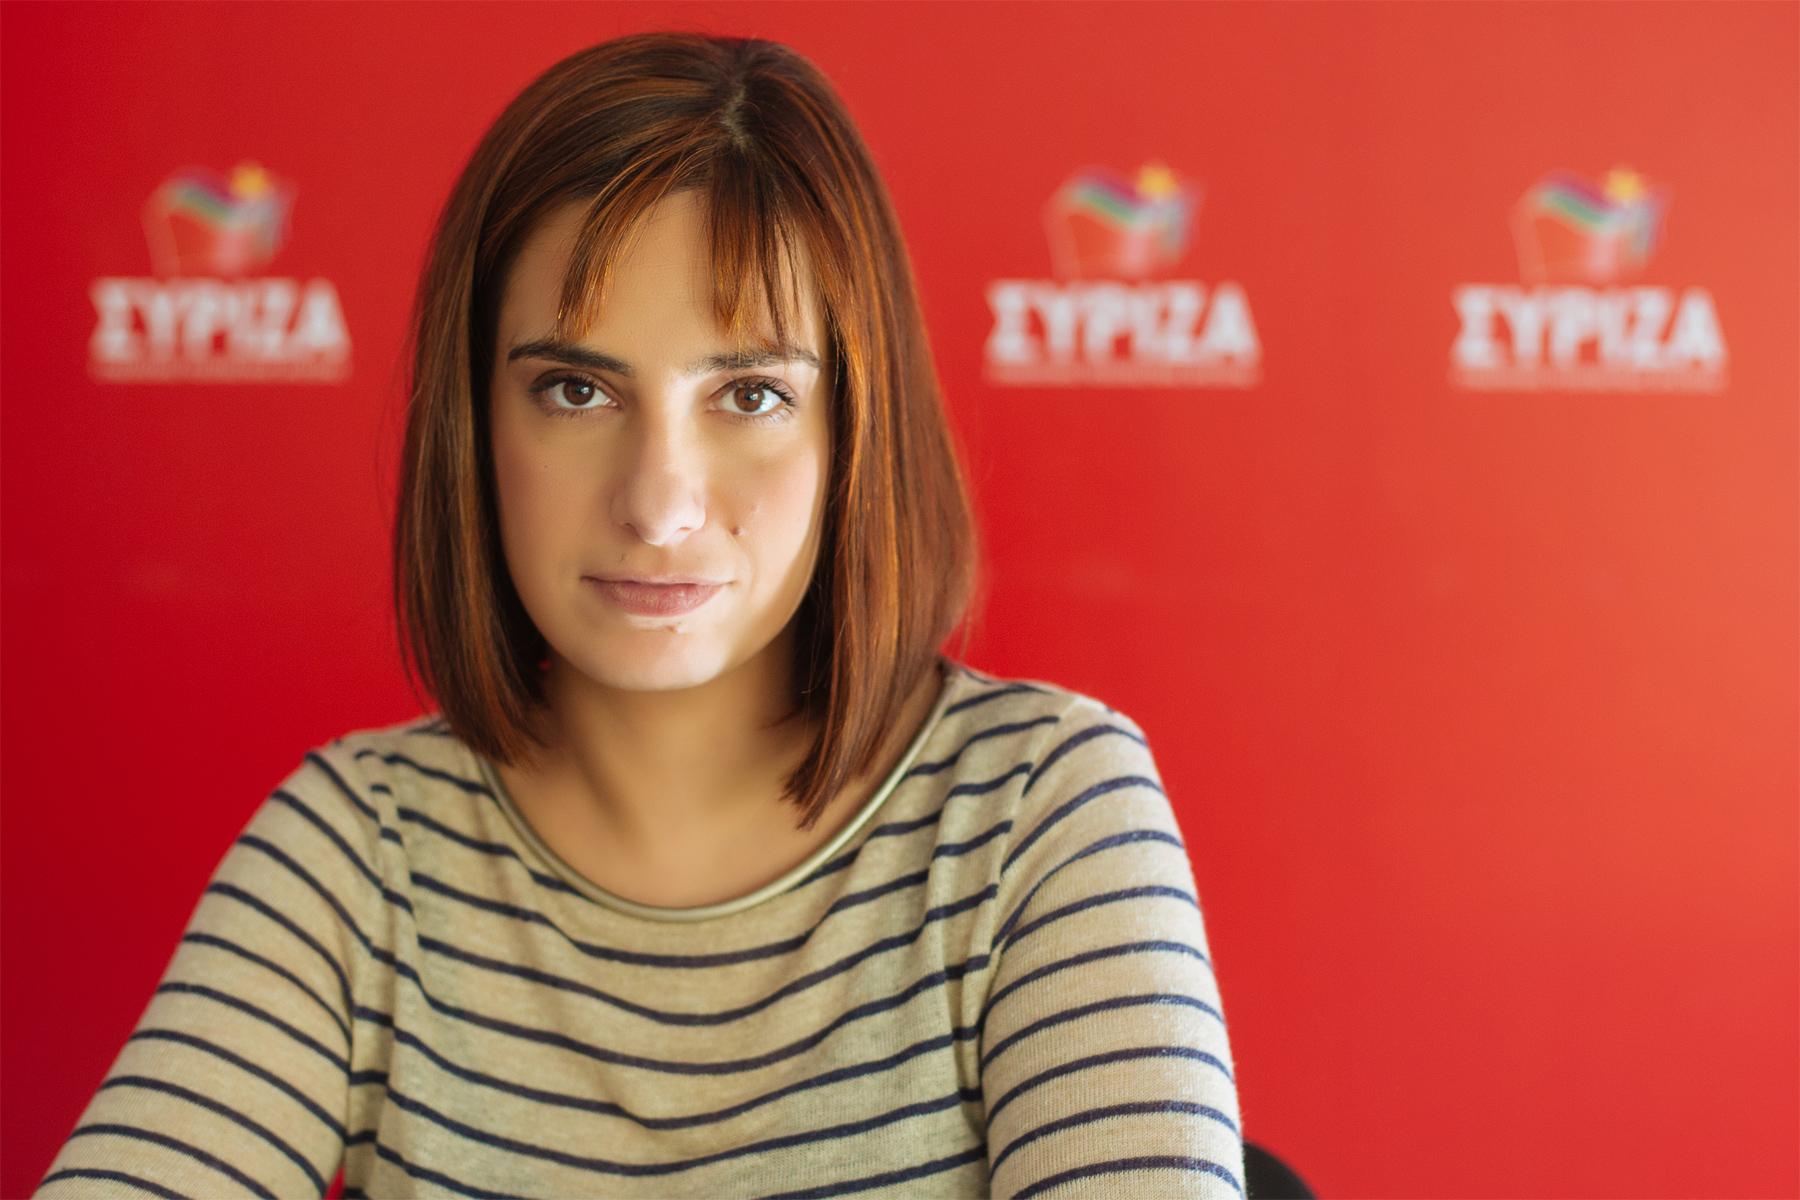 Ράνια Σβίγκου: Στόχος η επαναφορά των συλλογικών διαπραγματεύσεων